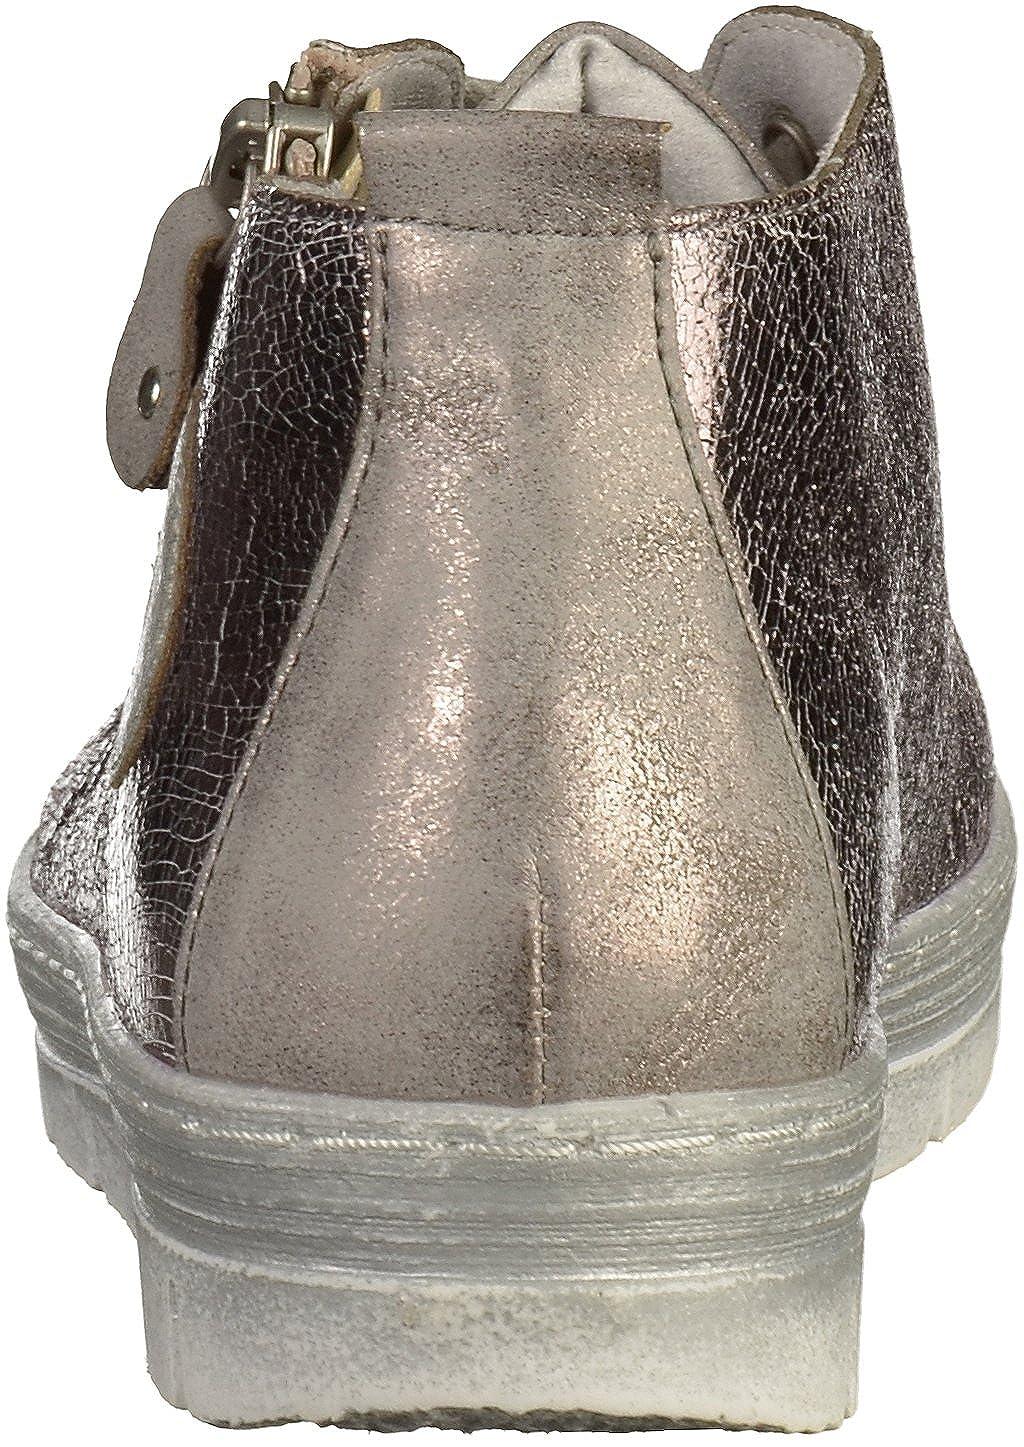 D5870 et femmes Chaussures Remonte Baskets Sacs PwfqwO